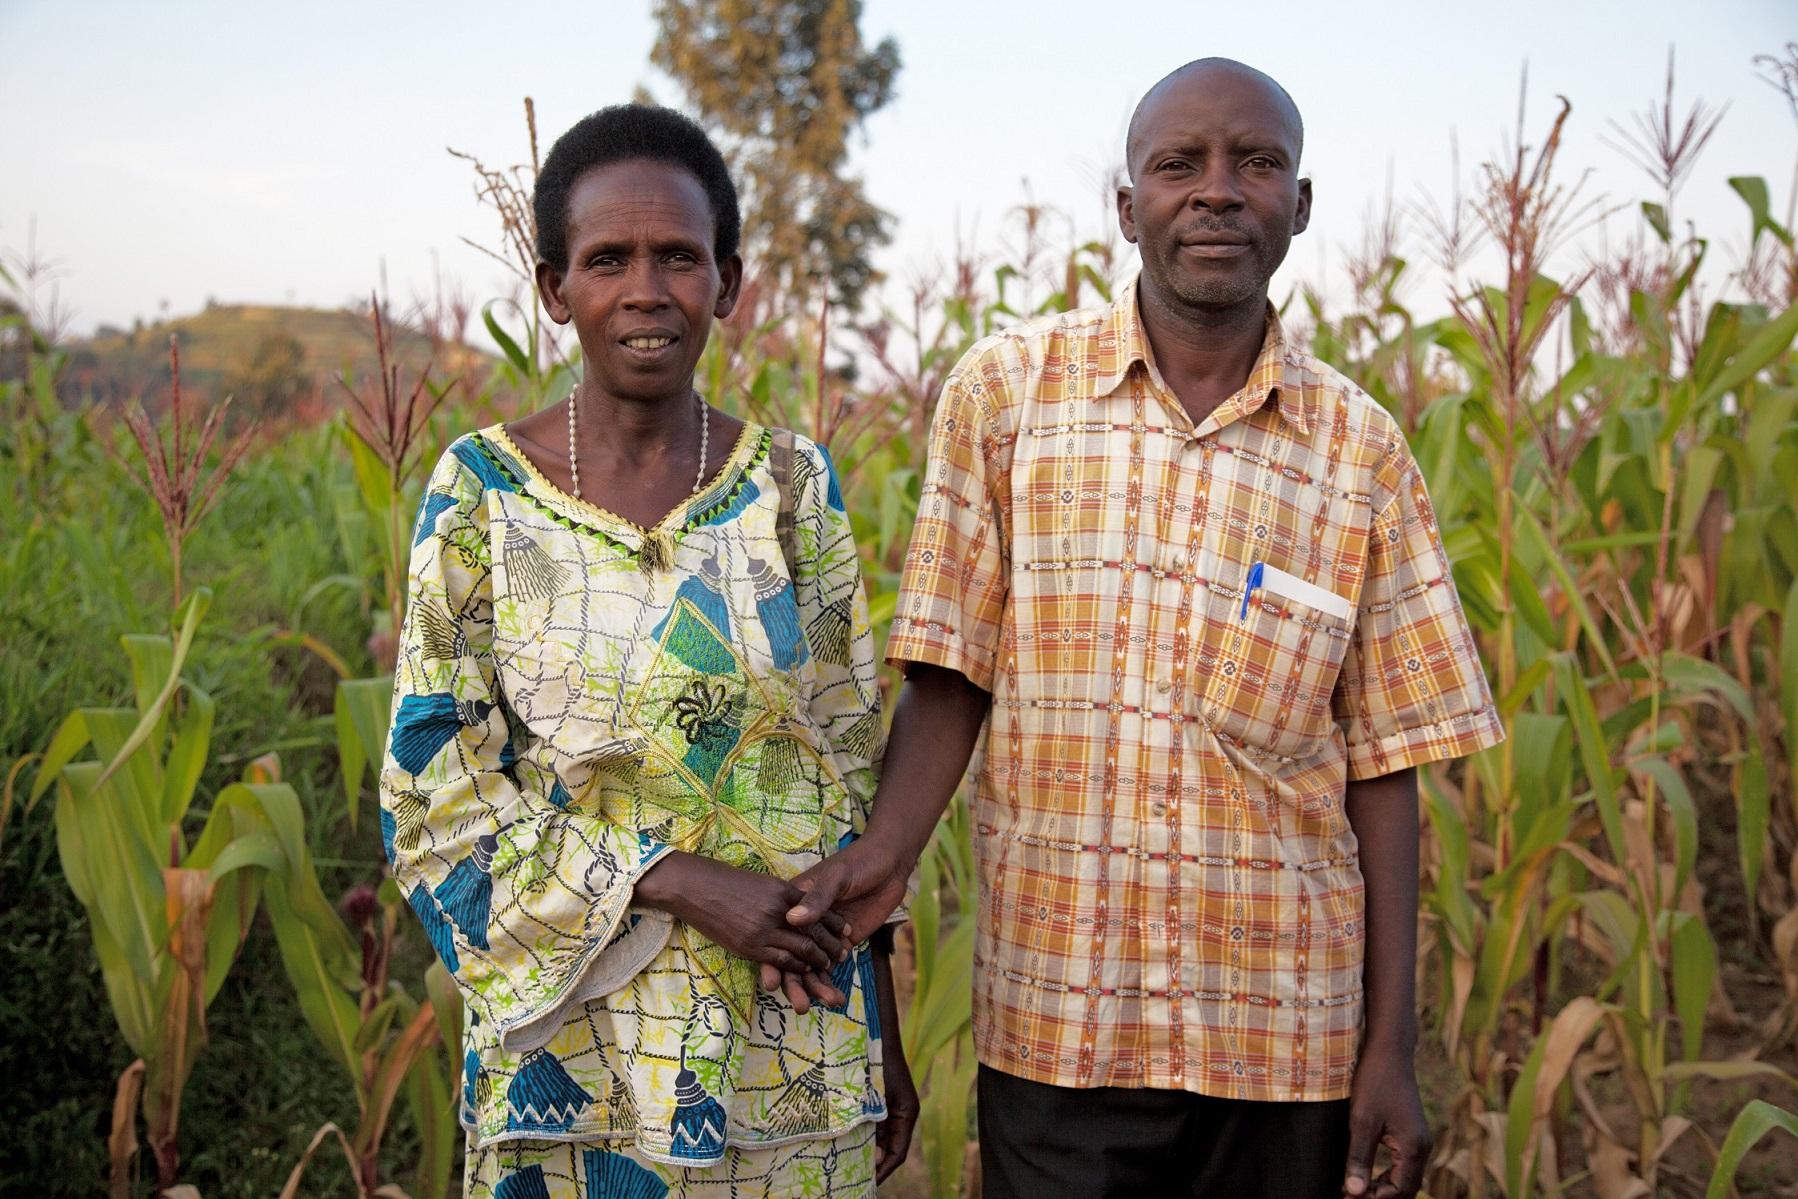 Dörfer der Versöhnung in Ruanda